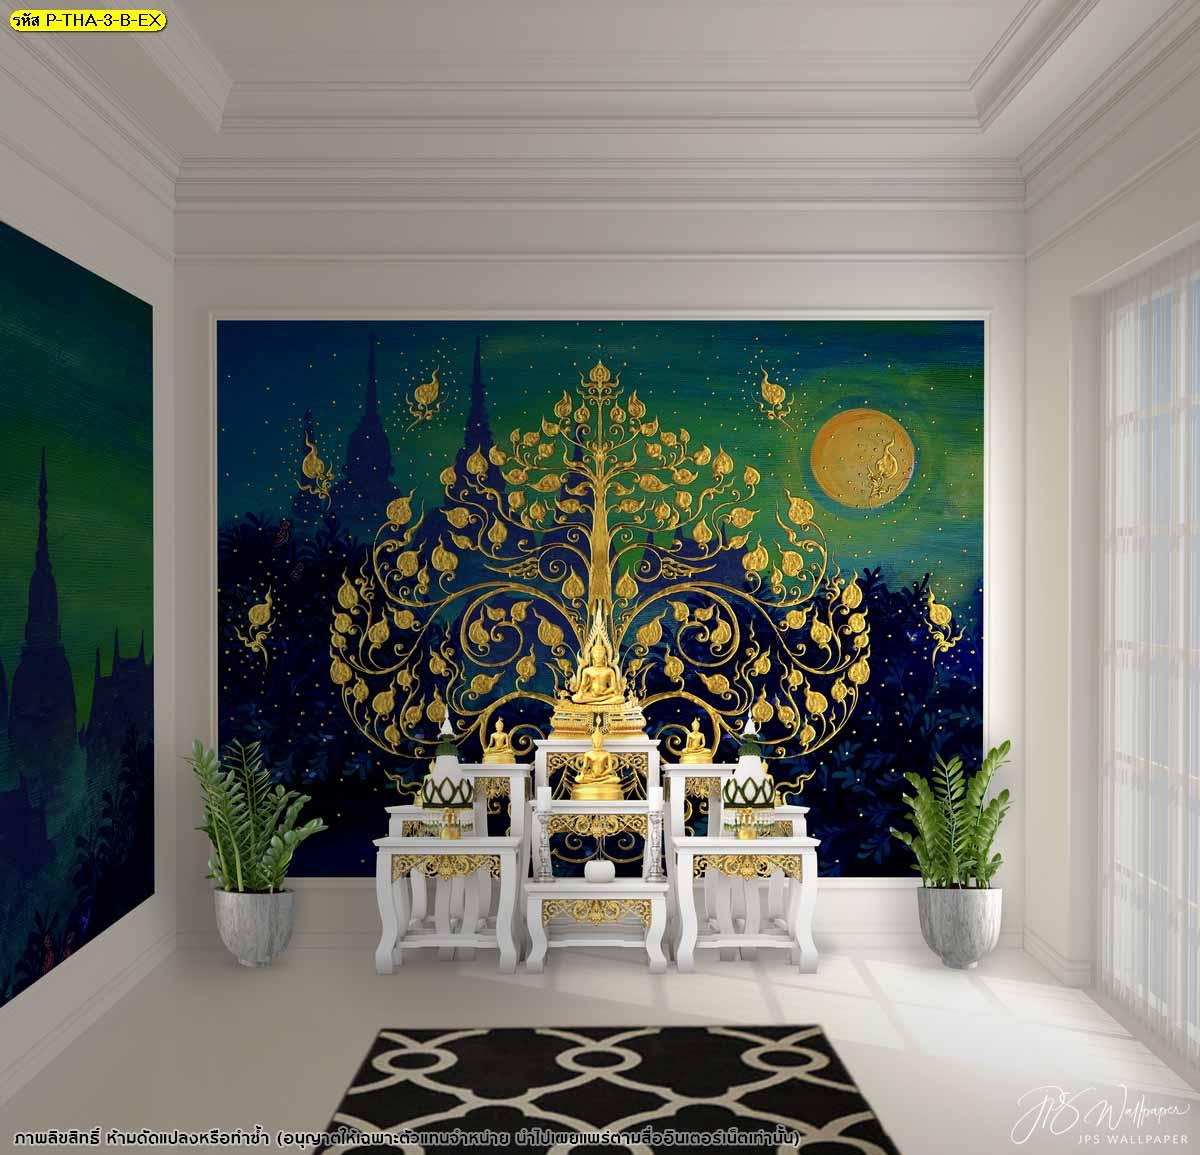 ห้องพระตกแต่งวอลเปเปอร์ต้นโพธิ์ทองคืนพระจันทร์เต็มดวงพื้นหลังสีฟ้า